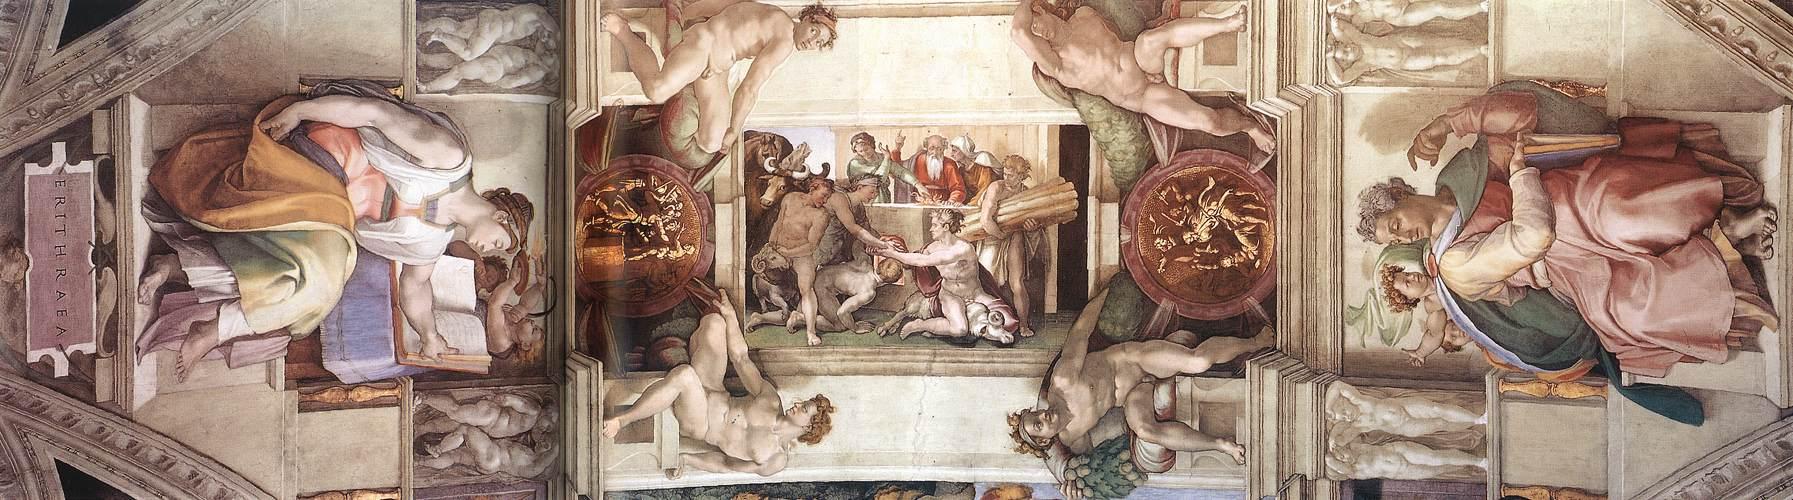 File Michelangelo Sistine Chapel Ceiling Bay 7 Jpg